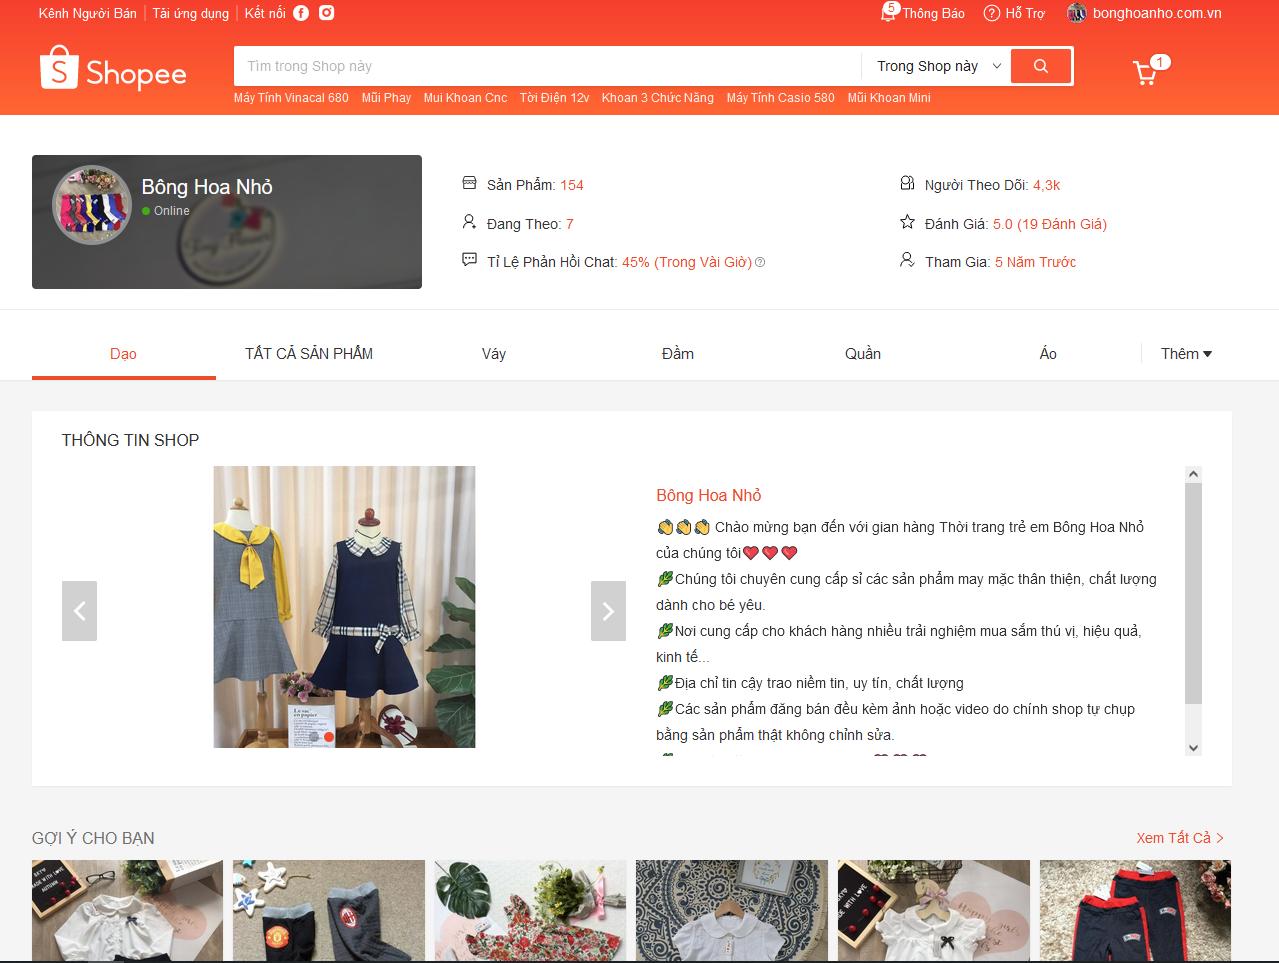 Giao diện website dễ hiểu, có hình ảnh trực quan và thông tin sản phẩm đầy đủ góp hỗ trợ người mua tối đa.